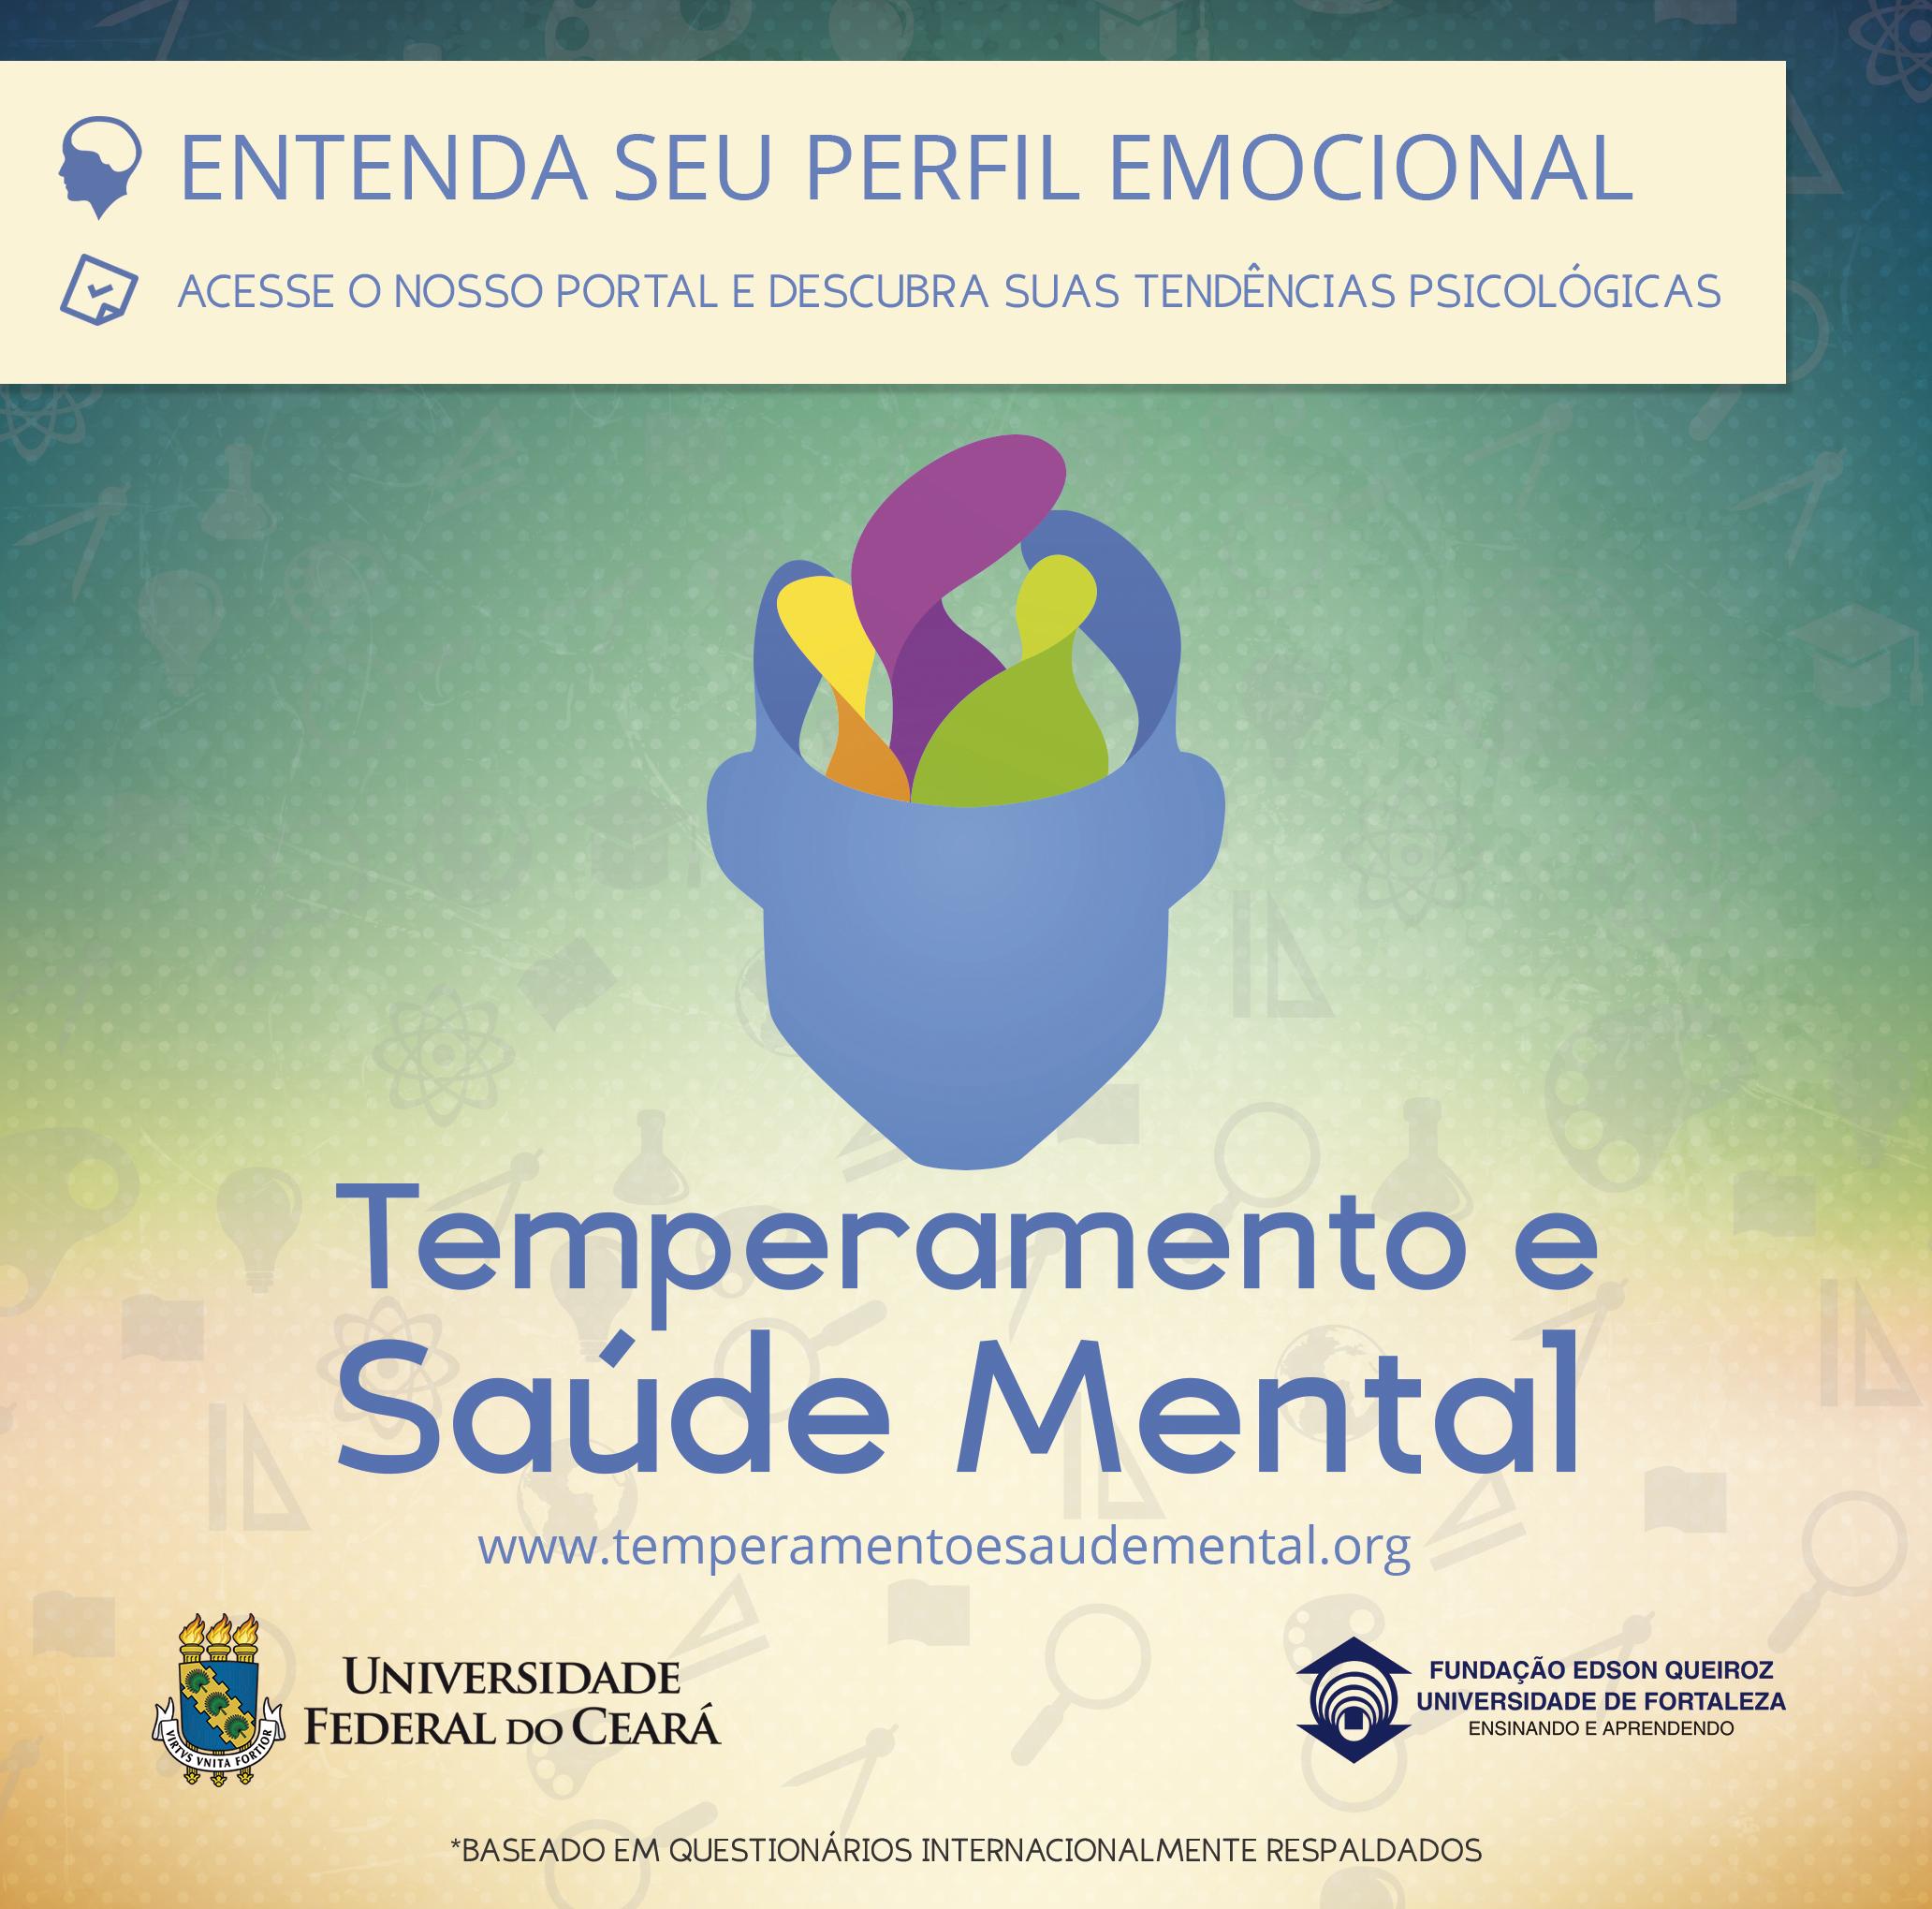 Peça publicitária para divulgação do Web App Temperamento e Saúde Mental, em parceria com a Universidade Federal do Ceará (UFC) e a Universidade de Fortaleza (UNIFOR)